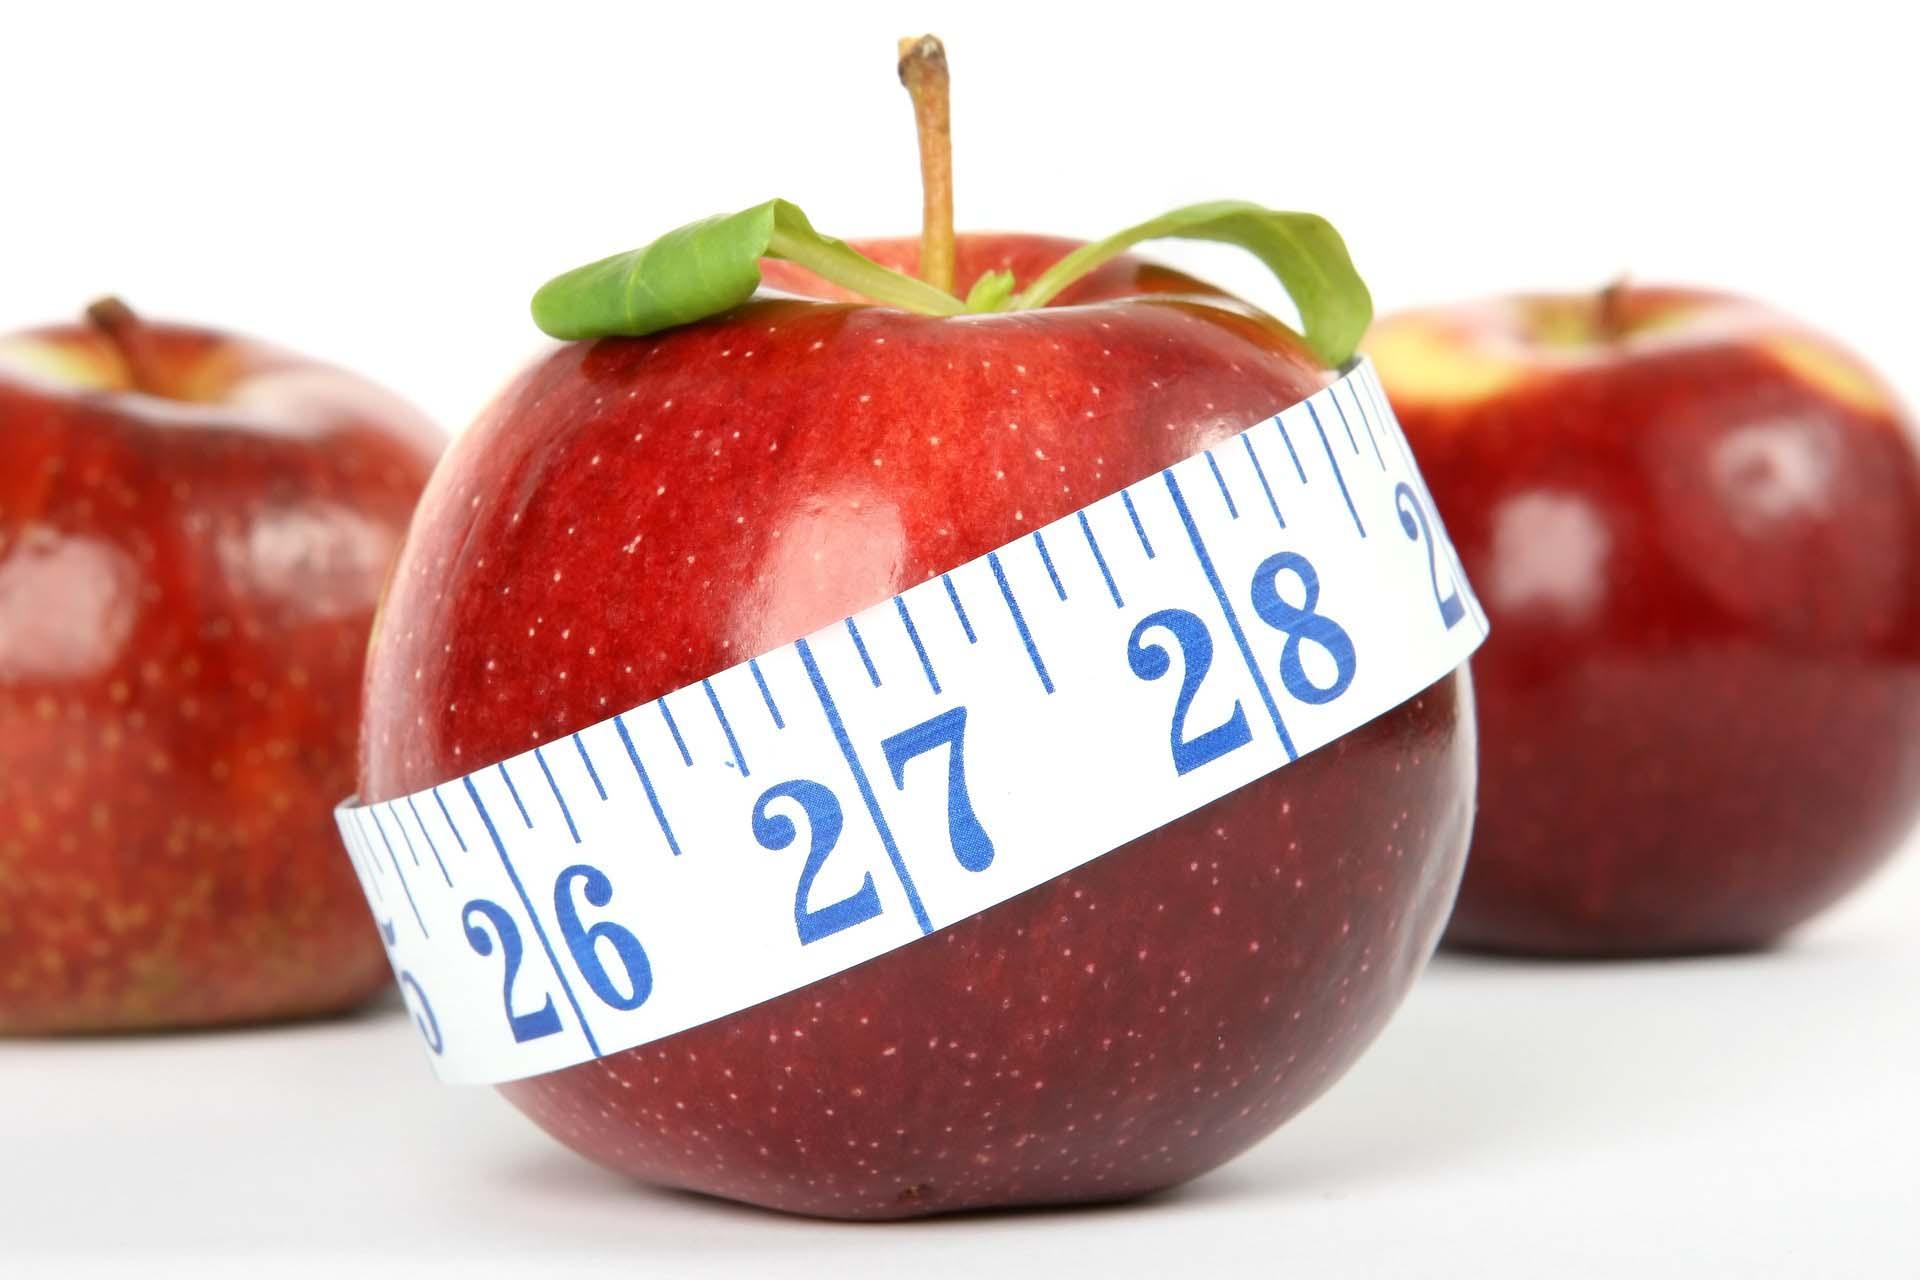 Uticaj glikemijskog indeksa hrane na glukozu u krvi i dijabetes